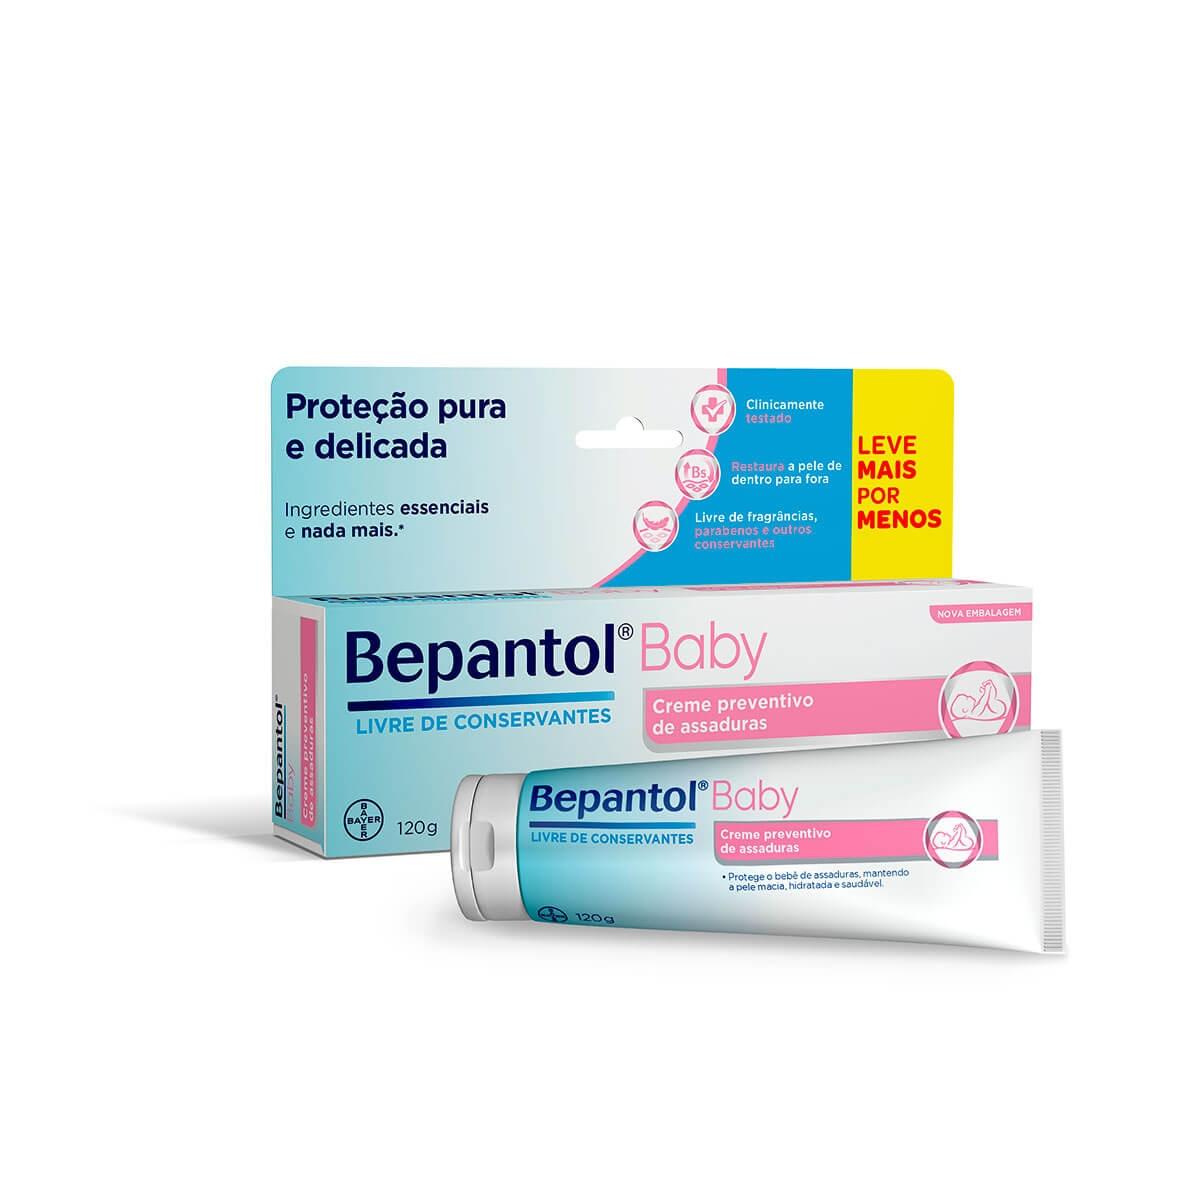 Creme Preventivo de Assaduras Bepantol Baby com 120g 120g